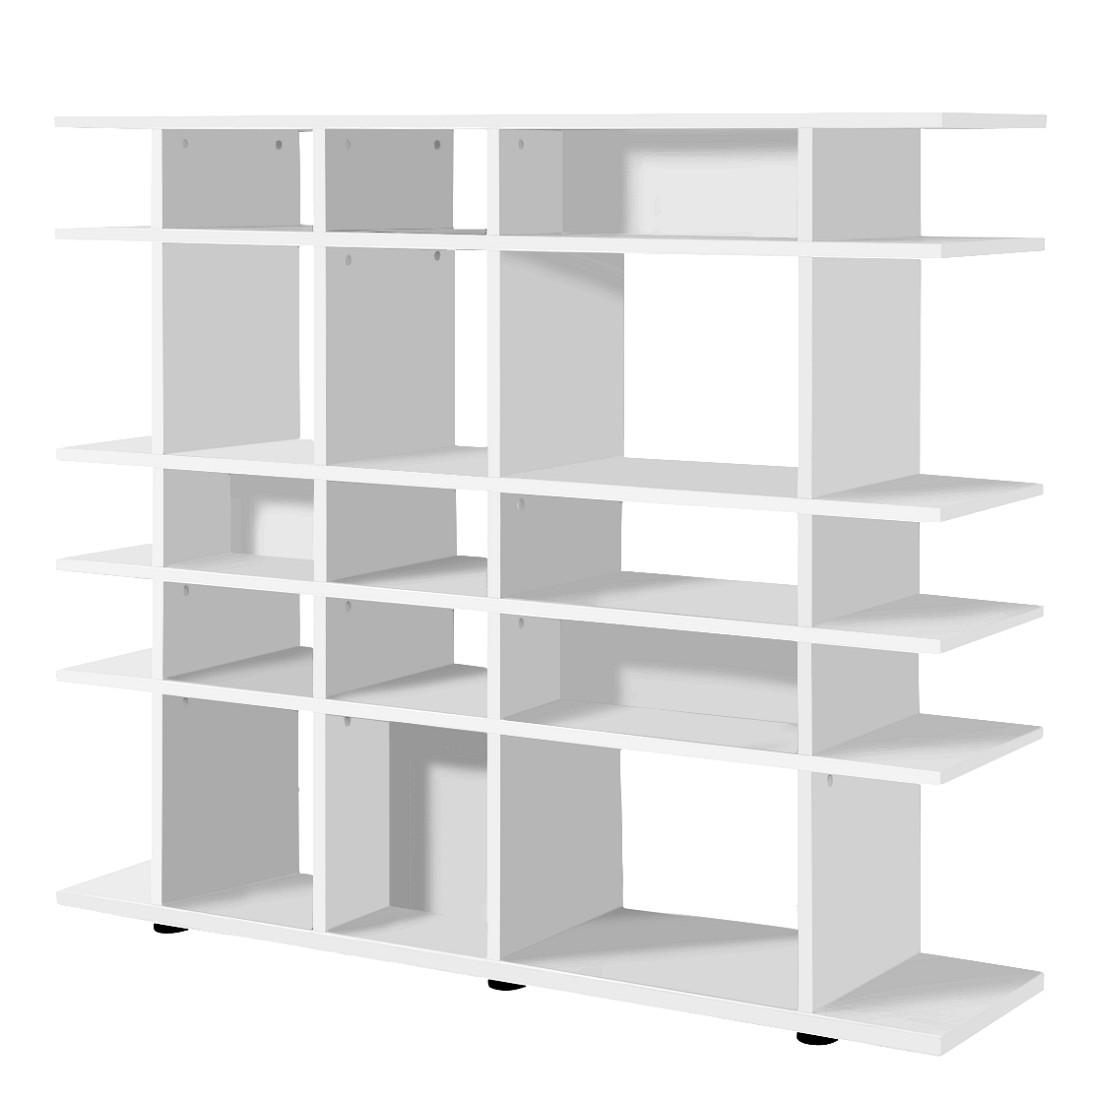 Raumteiler Arte M - Weiß